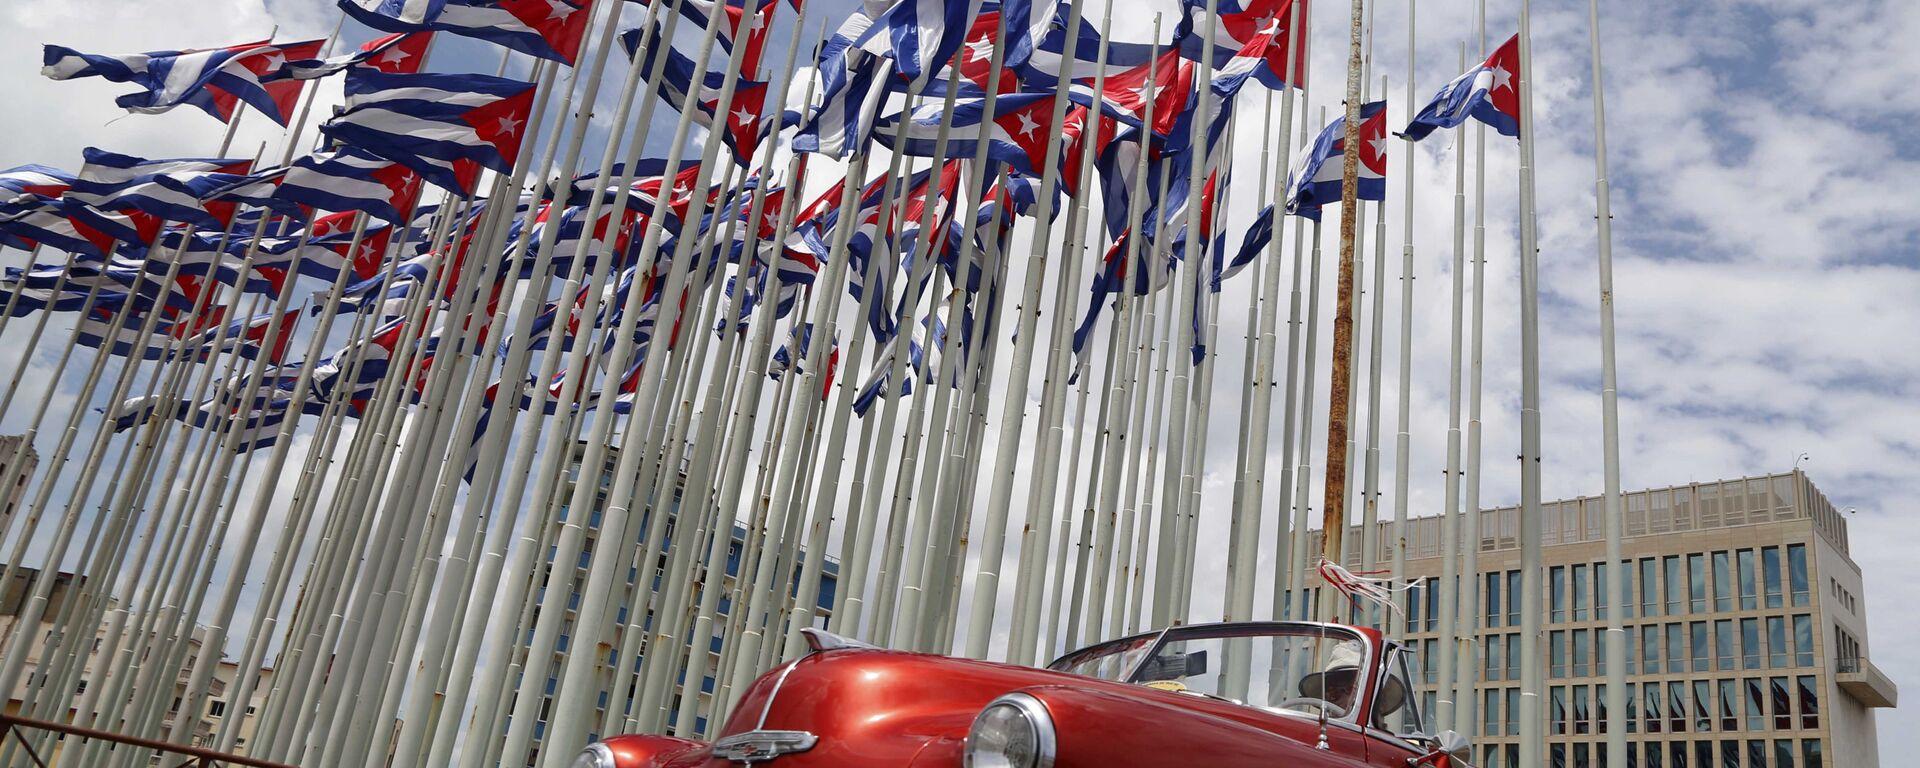 Velvyslanectví USA na Kubě - Sputnik Česká republika, 1920, 13.05.2021